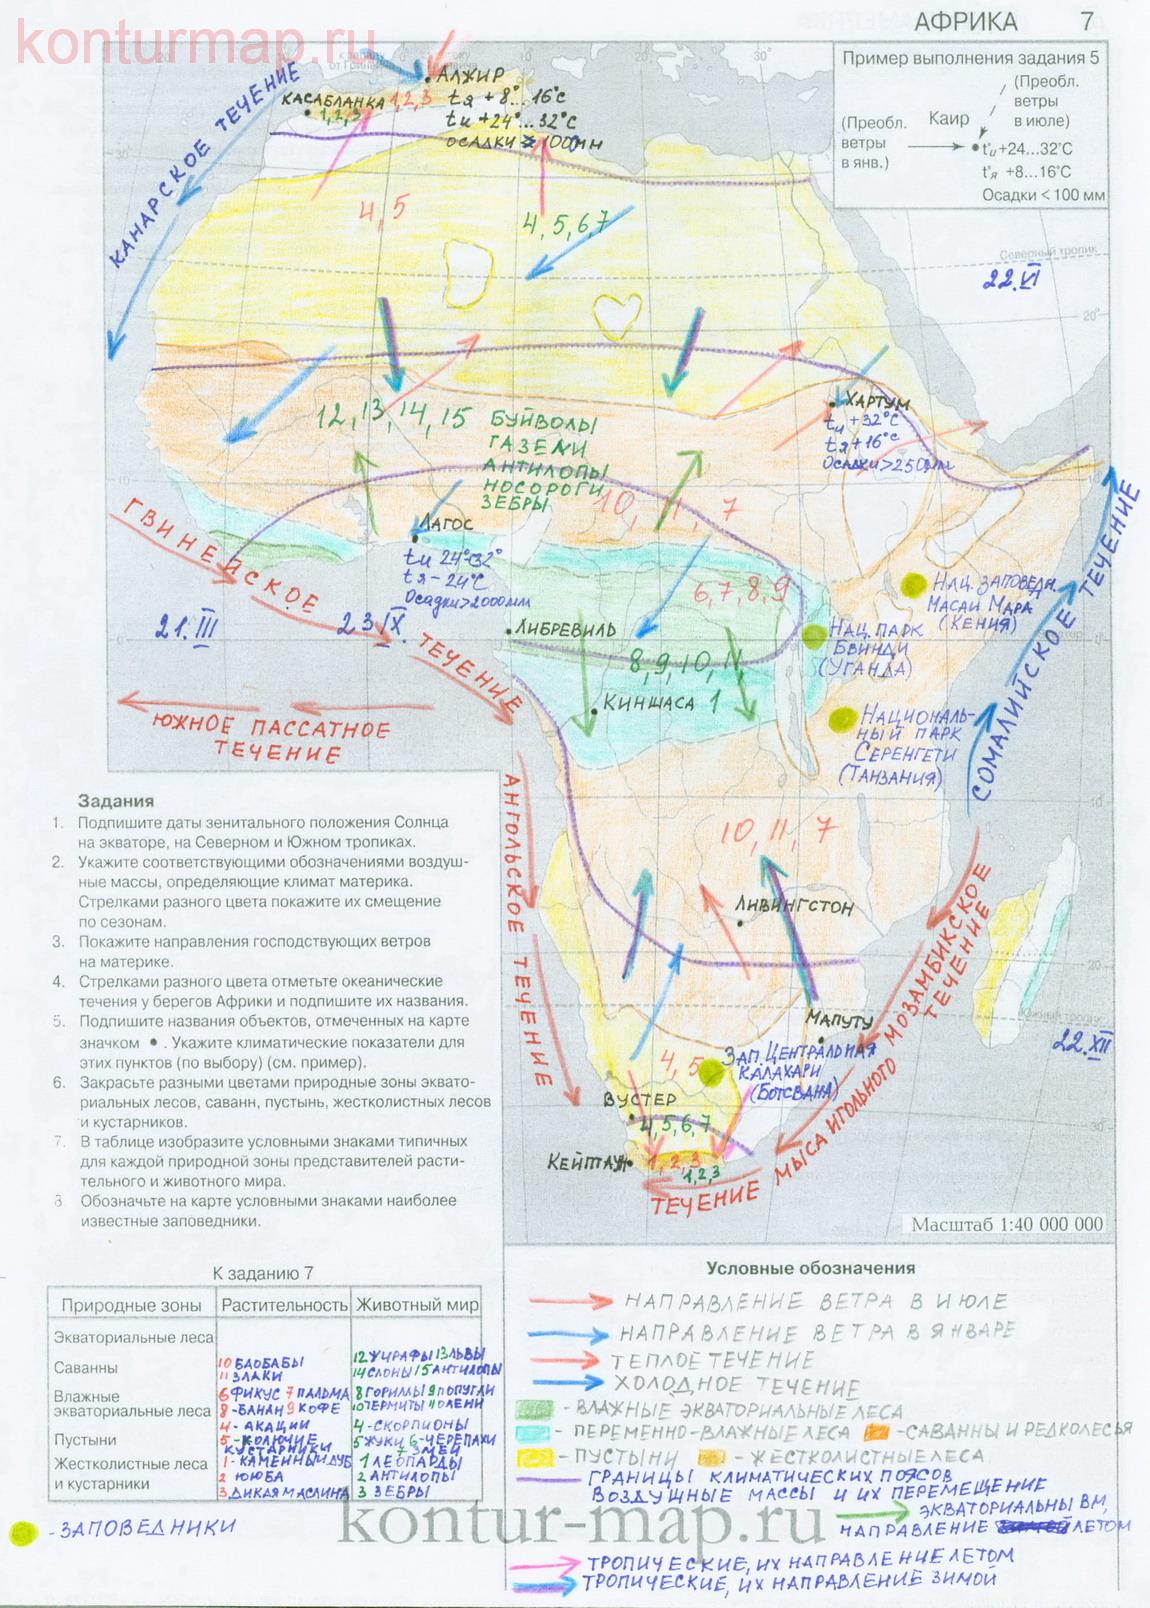 Гдз погеографии контурнаю карта 7 класса